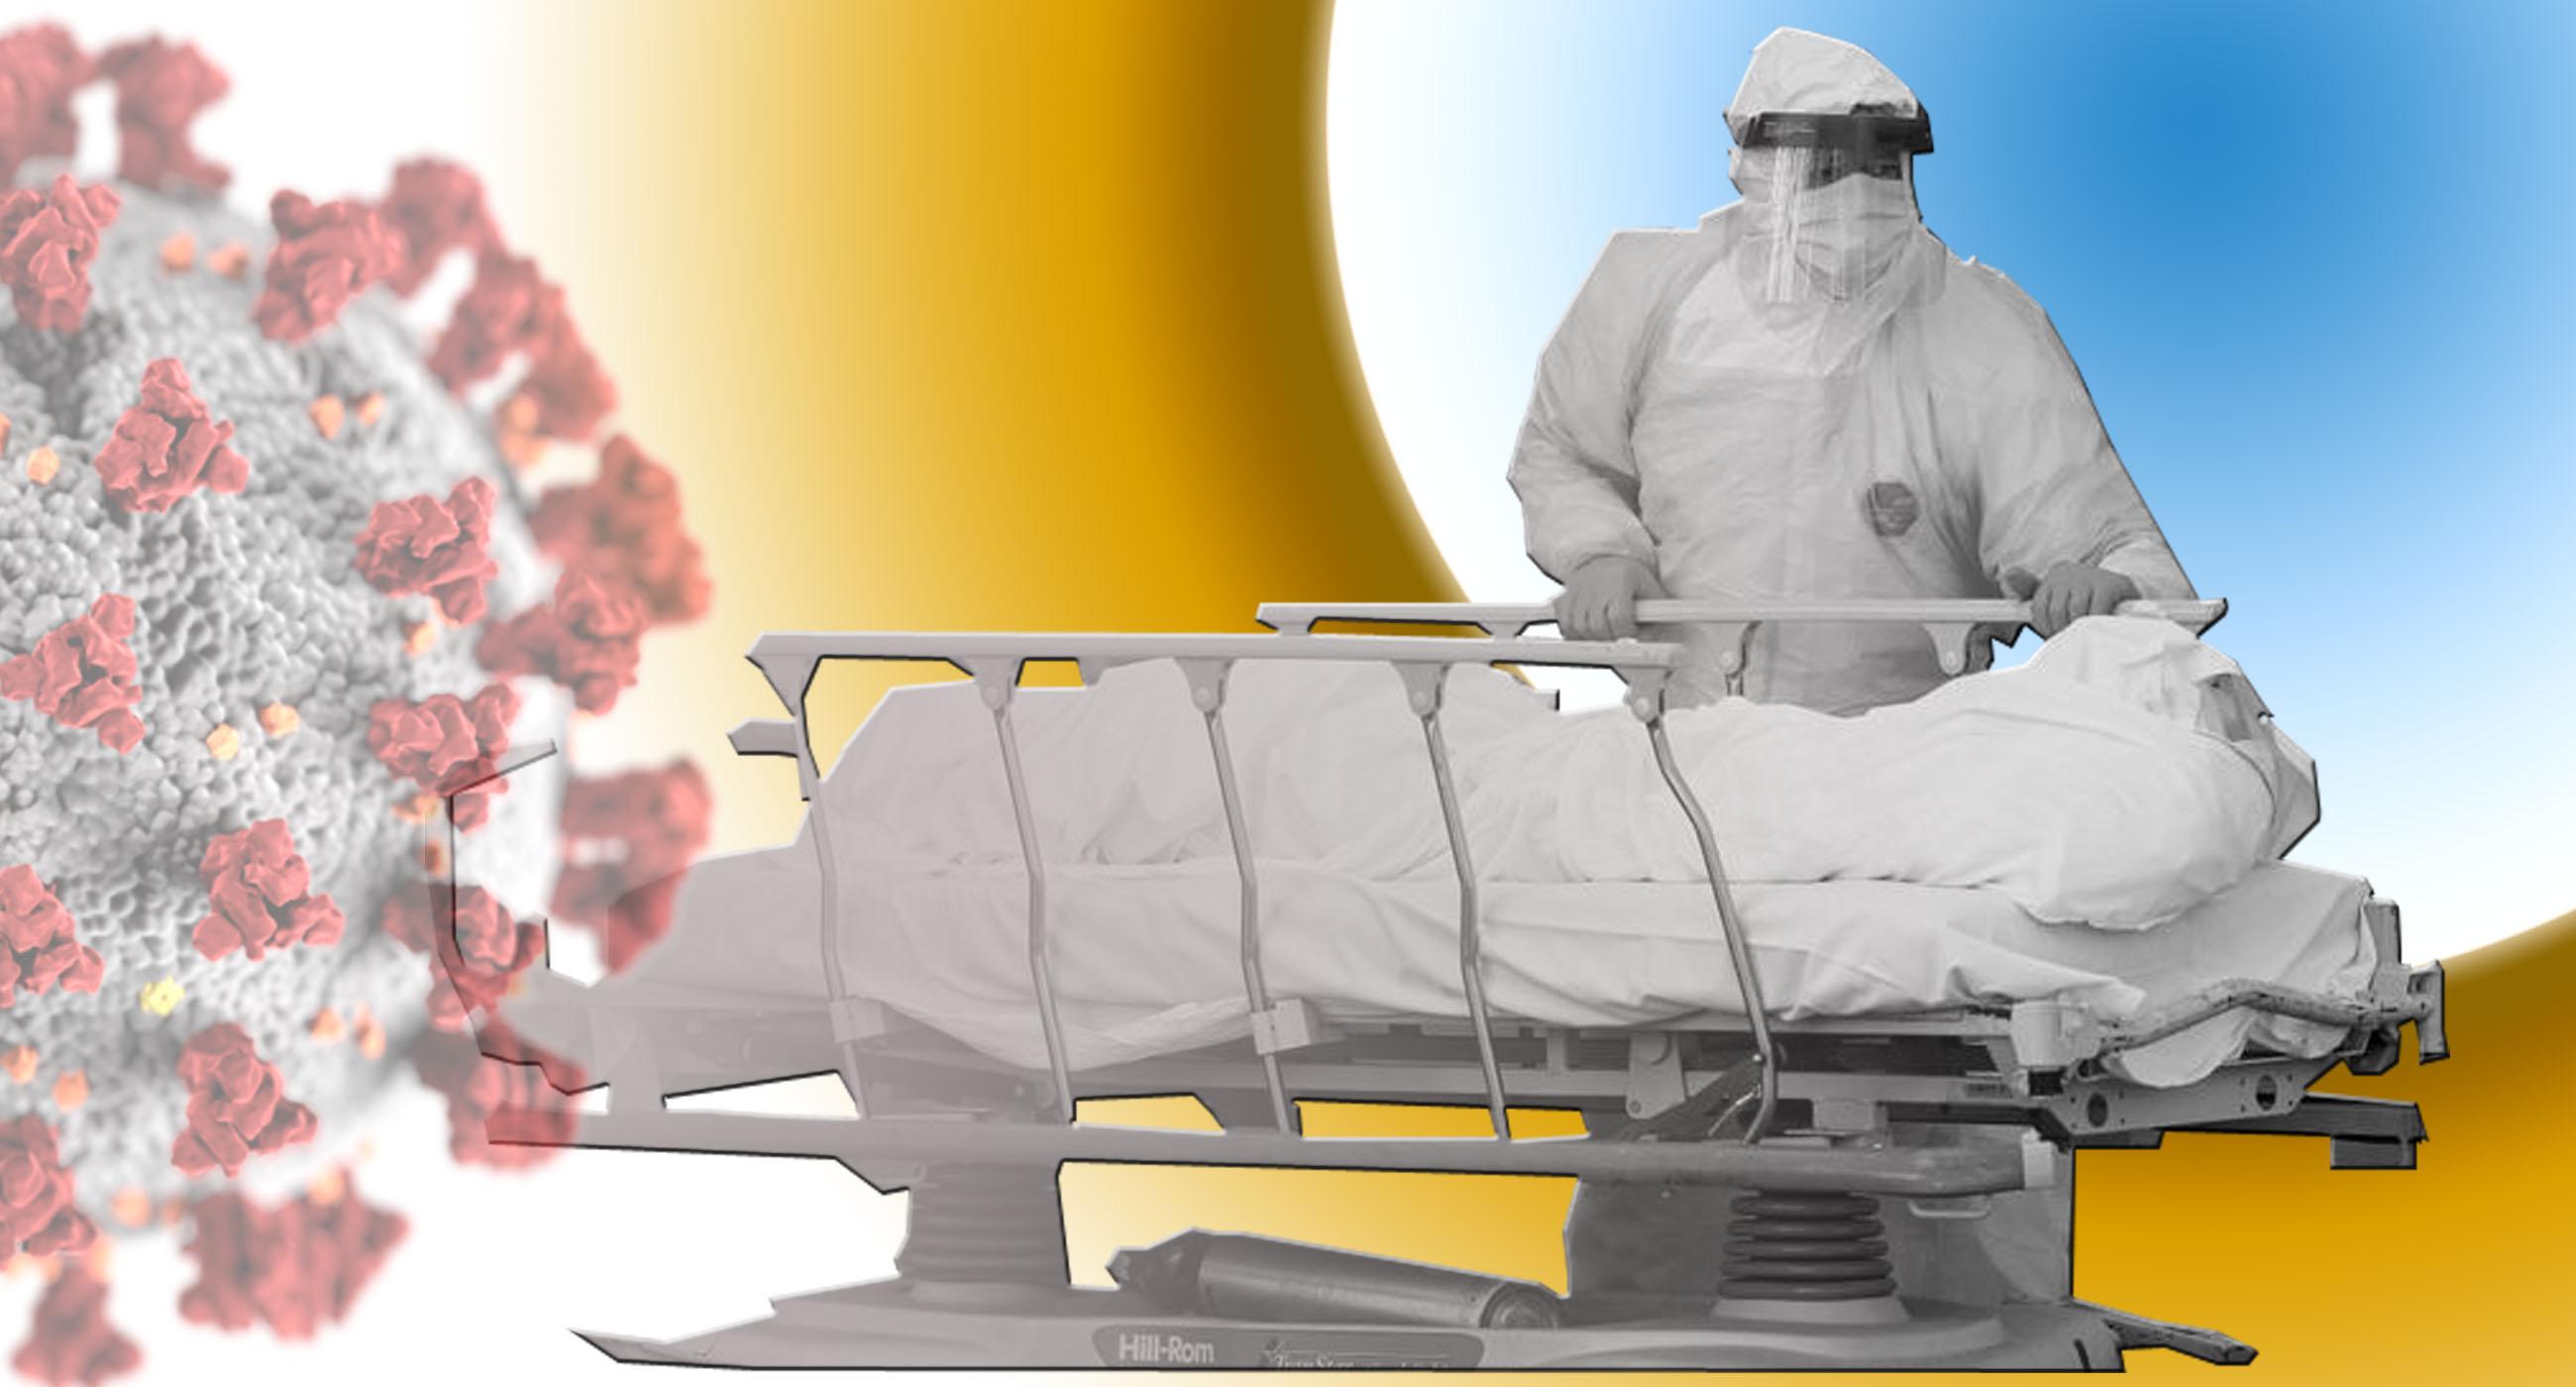 कोरोना संक्रमण बाट थप एक मृत्यु, कुल मृत्यु संख्या ५२ जना पुग्यो